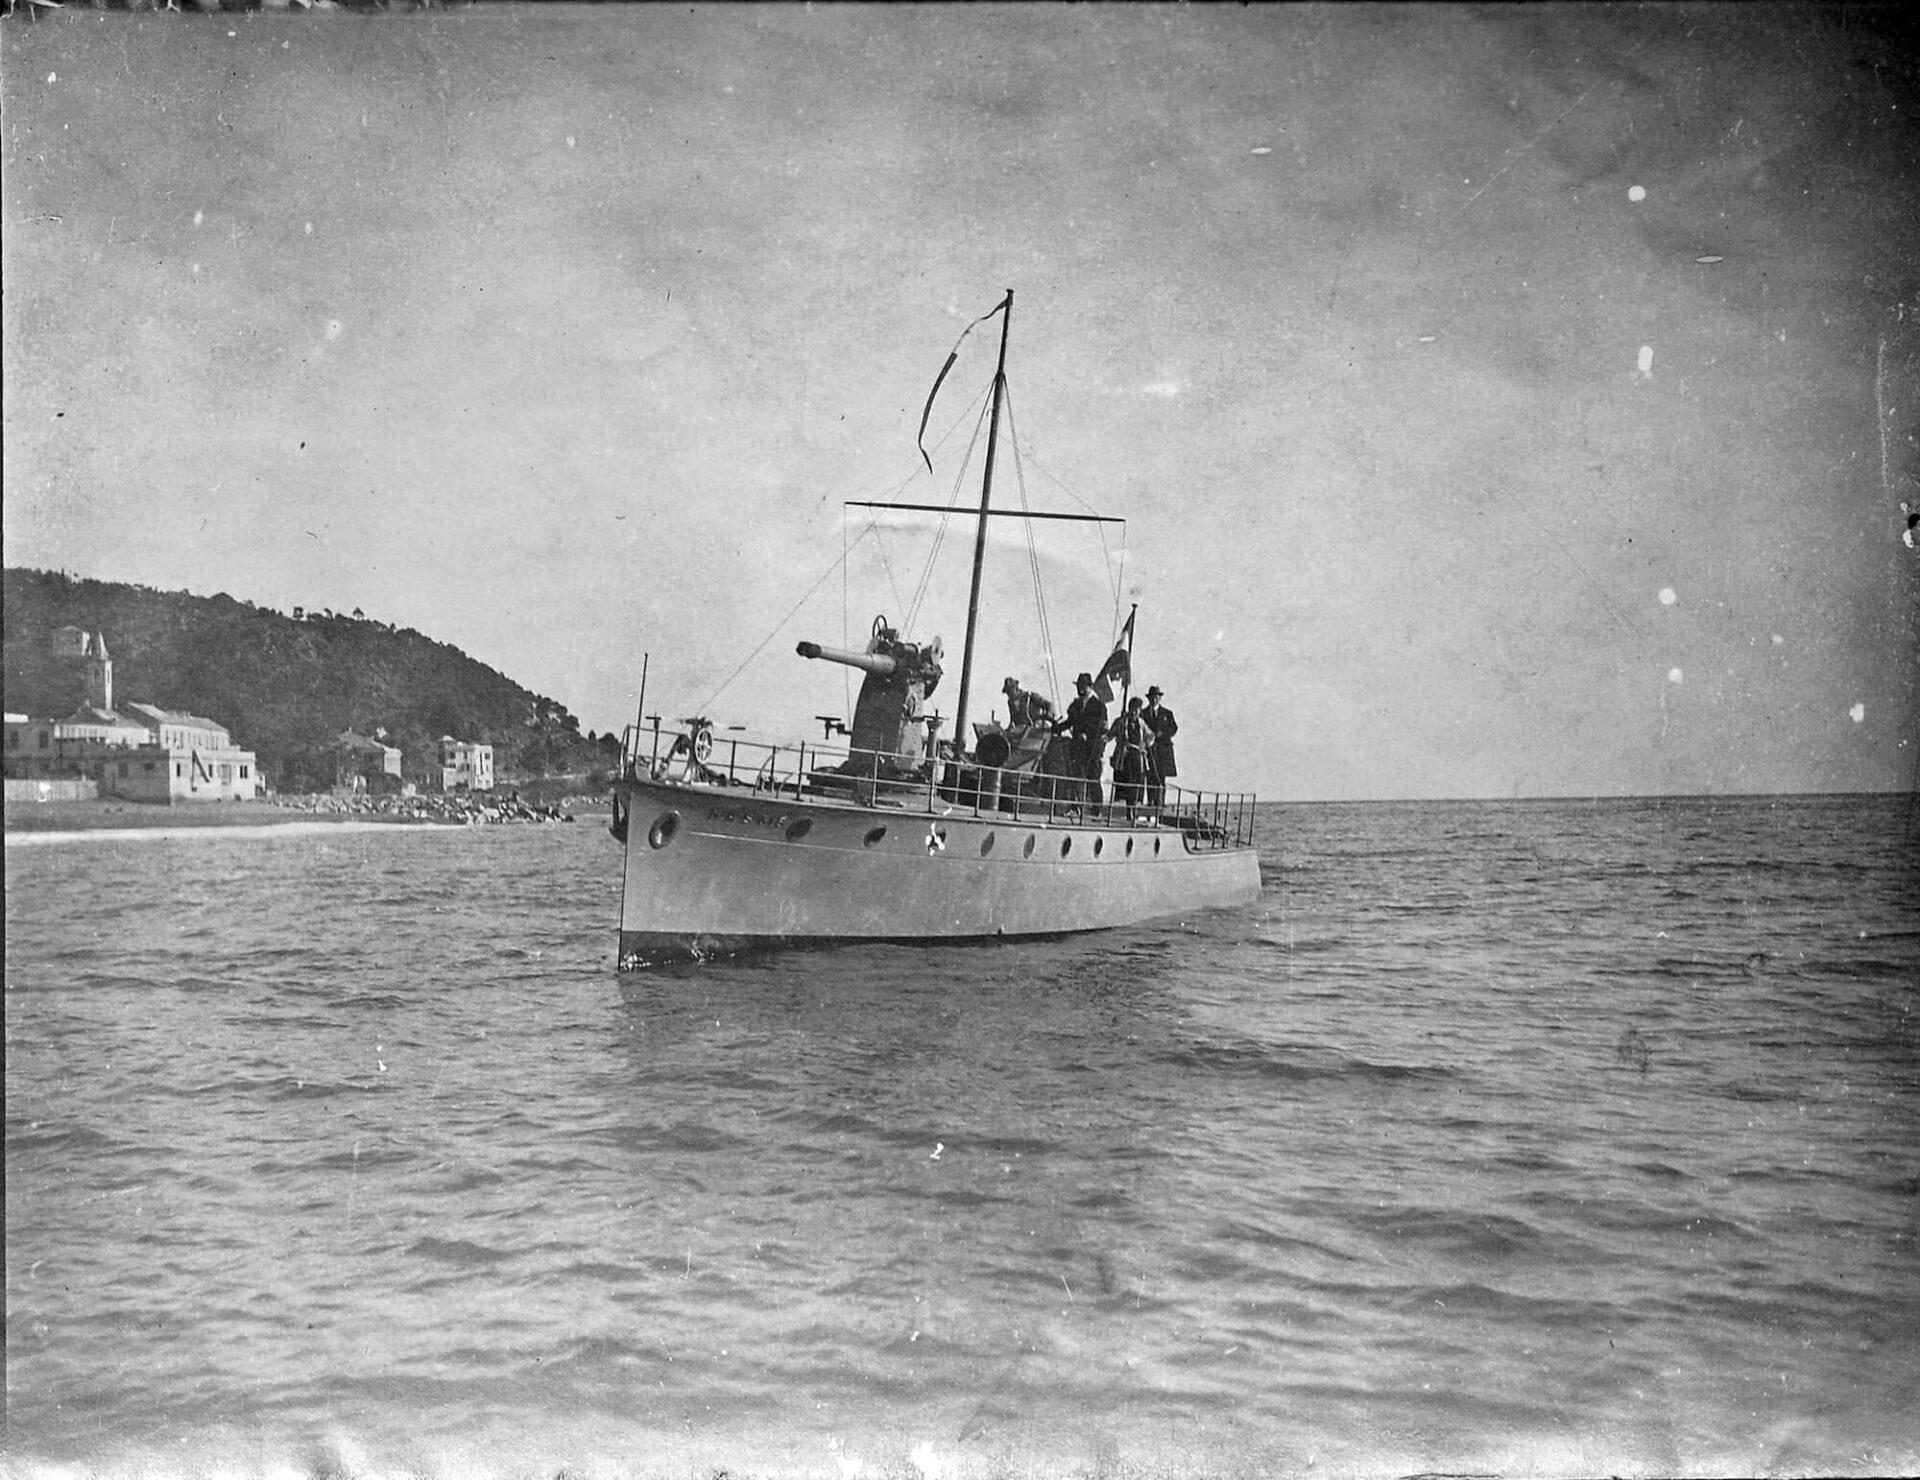 1917 - Unità per il servizio idrofonico della Marina Militare